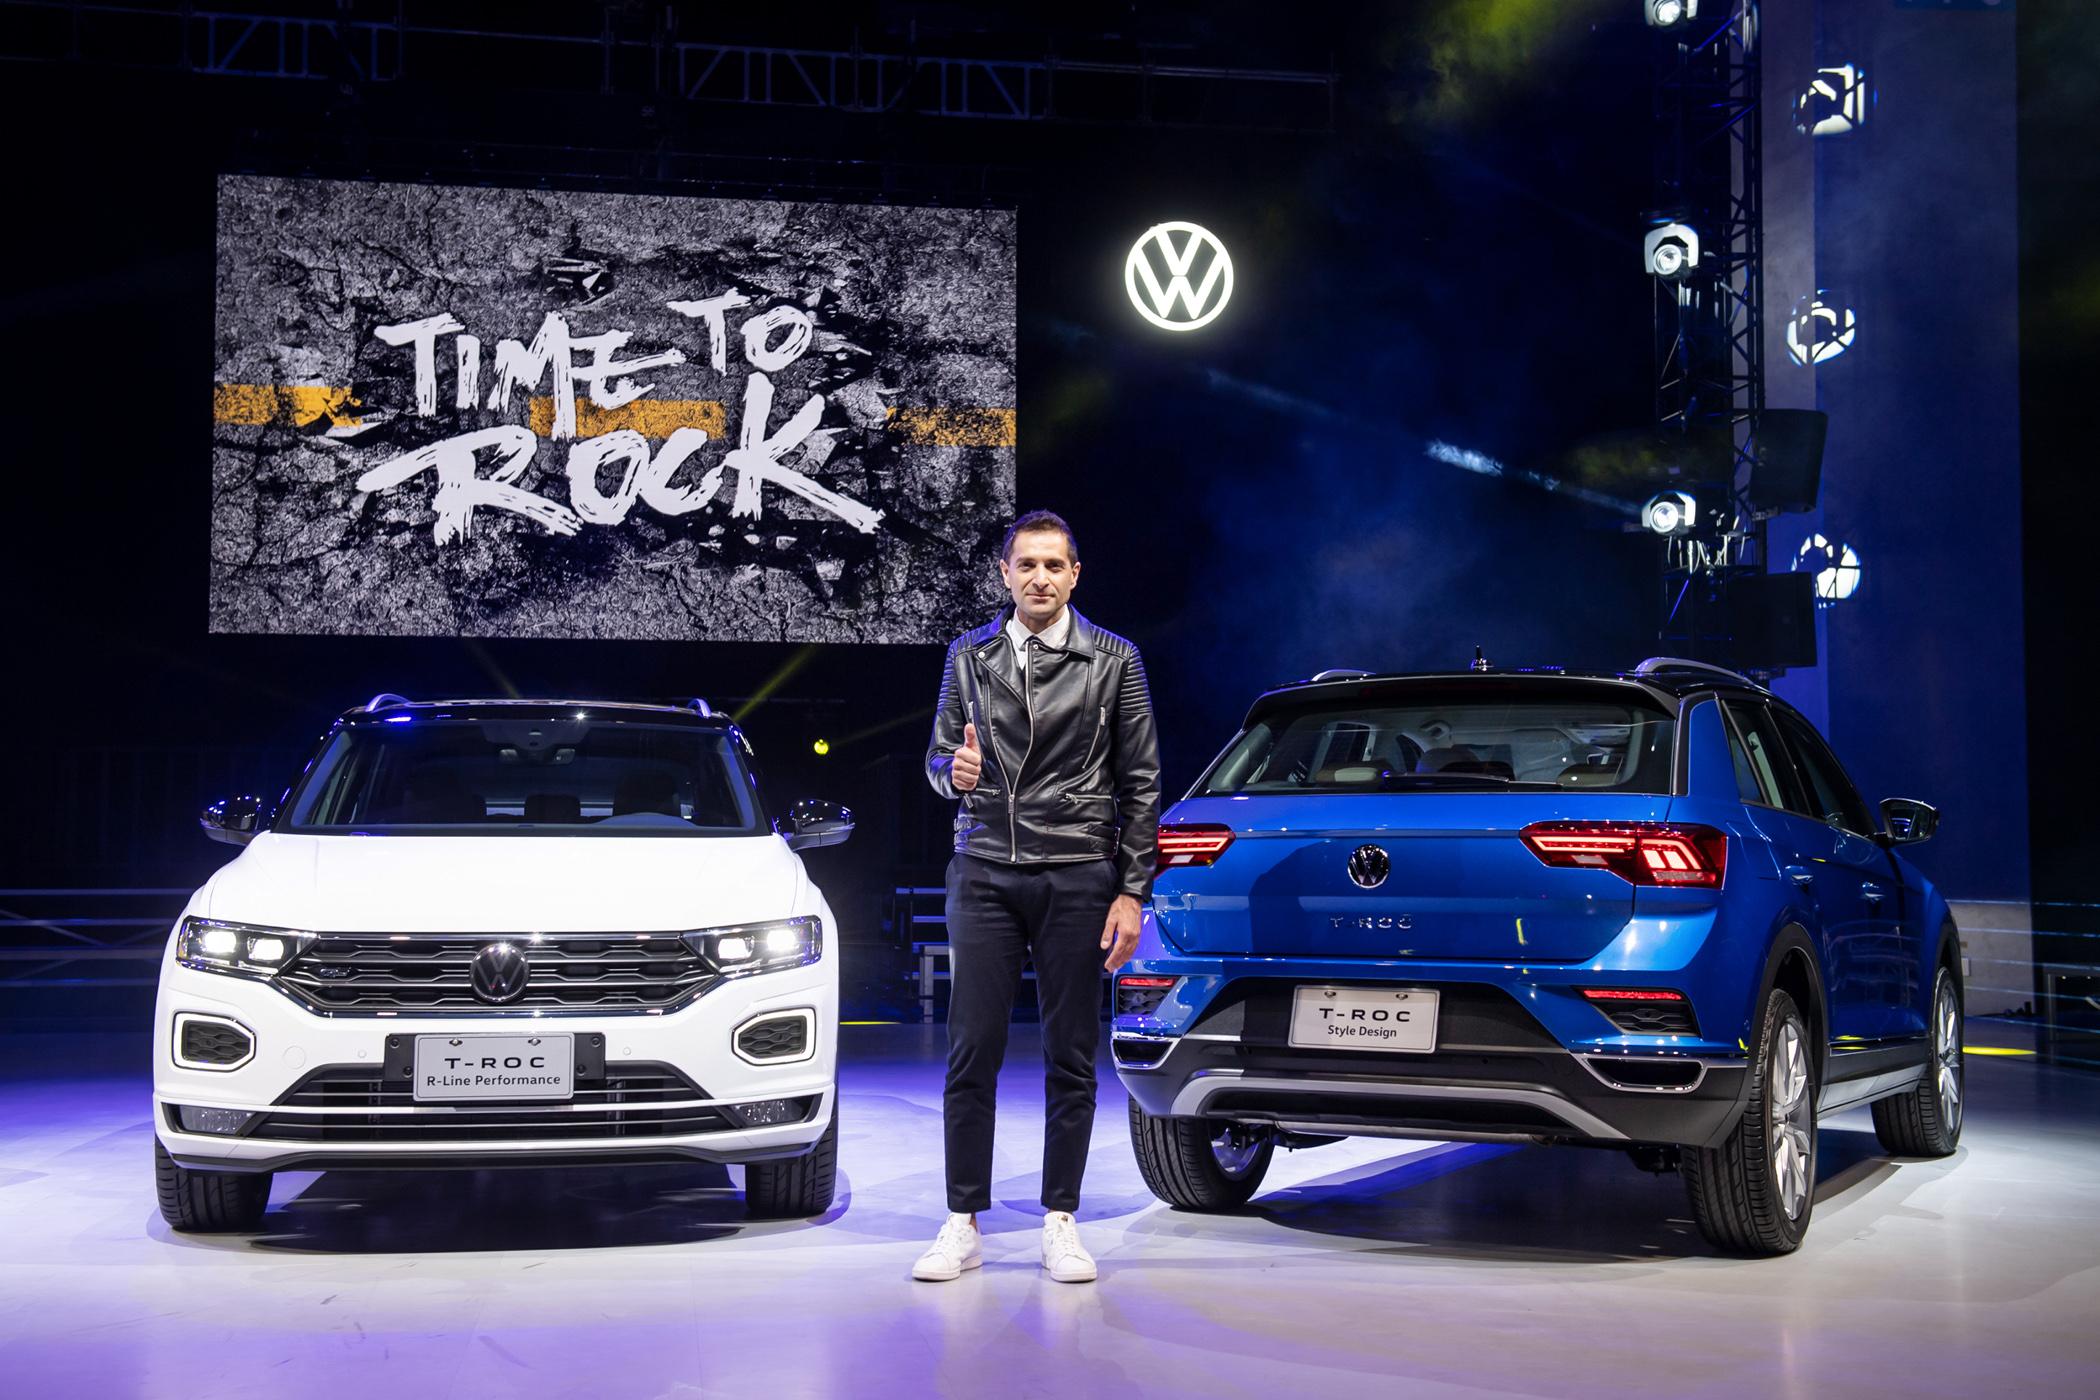 台灣福斯汽車總裁 安士杰 Sacha Askidjian 正式宣布 Volkswagen T-Roc 以 104.8 萬起正式上市。